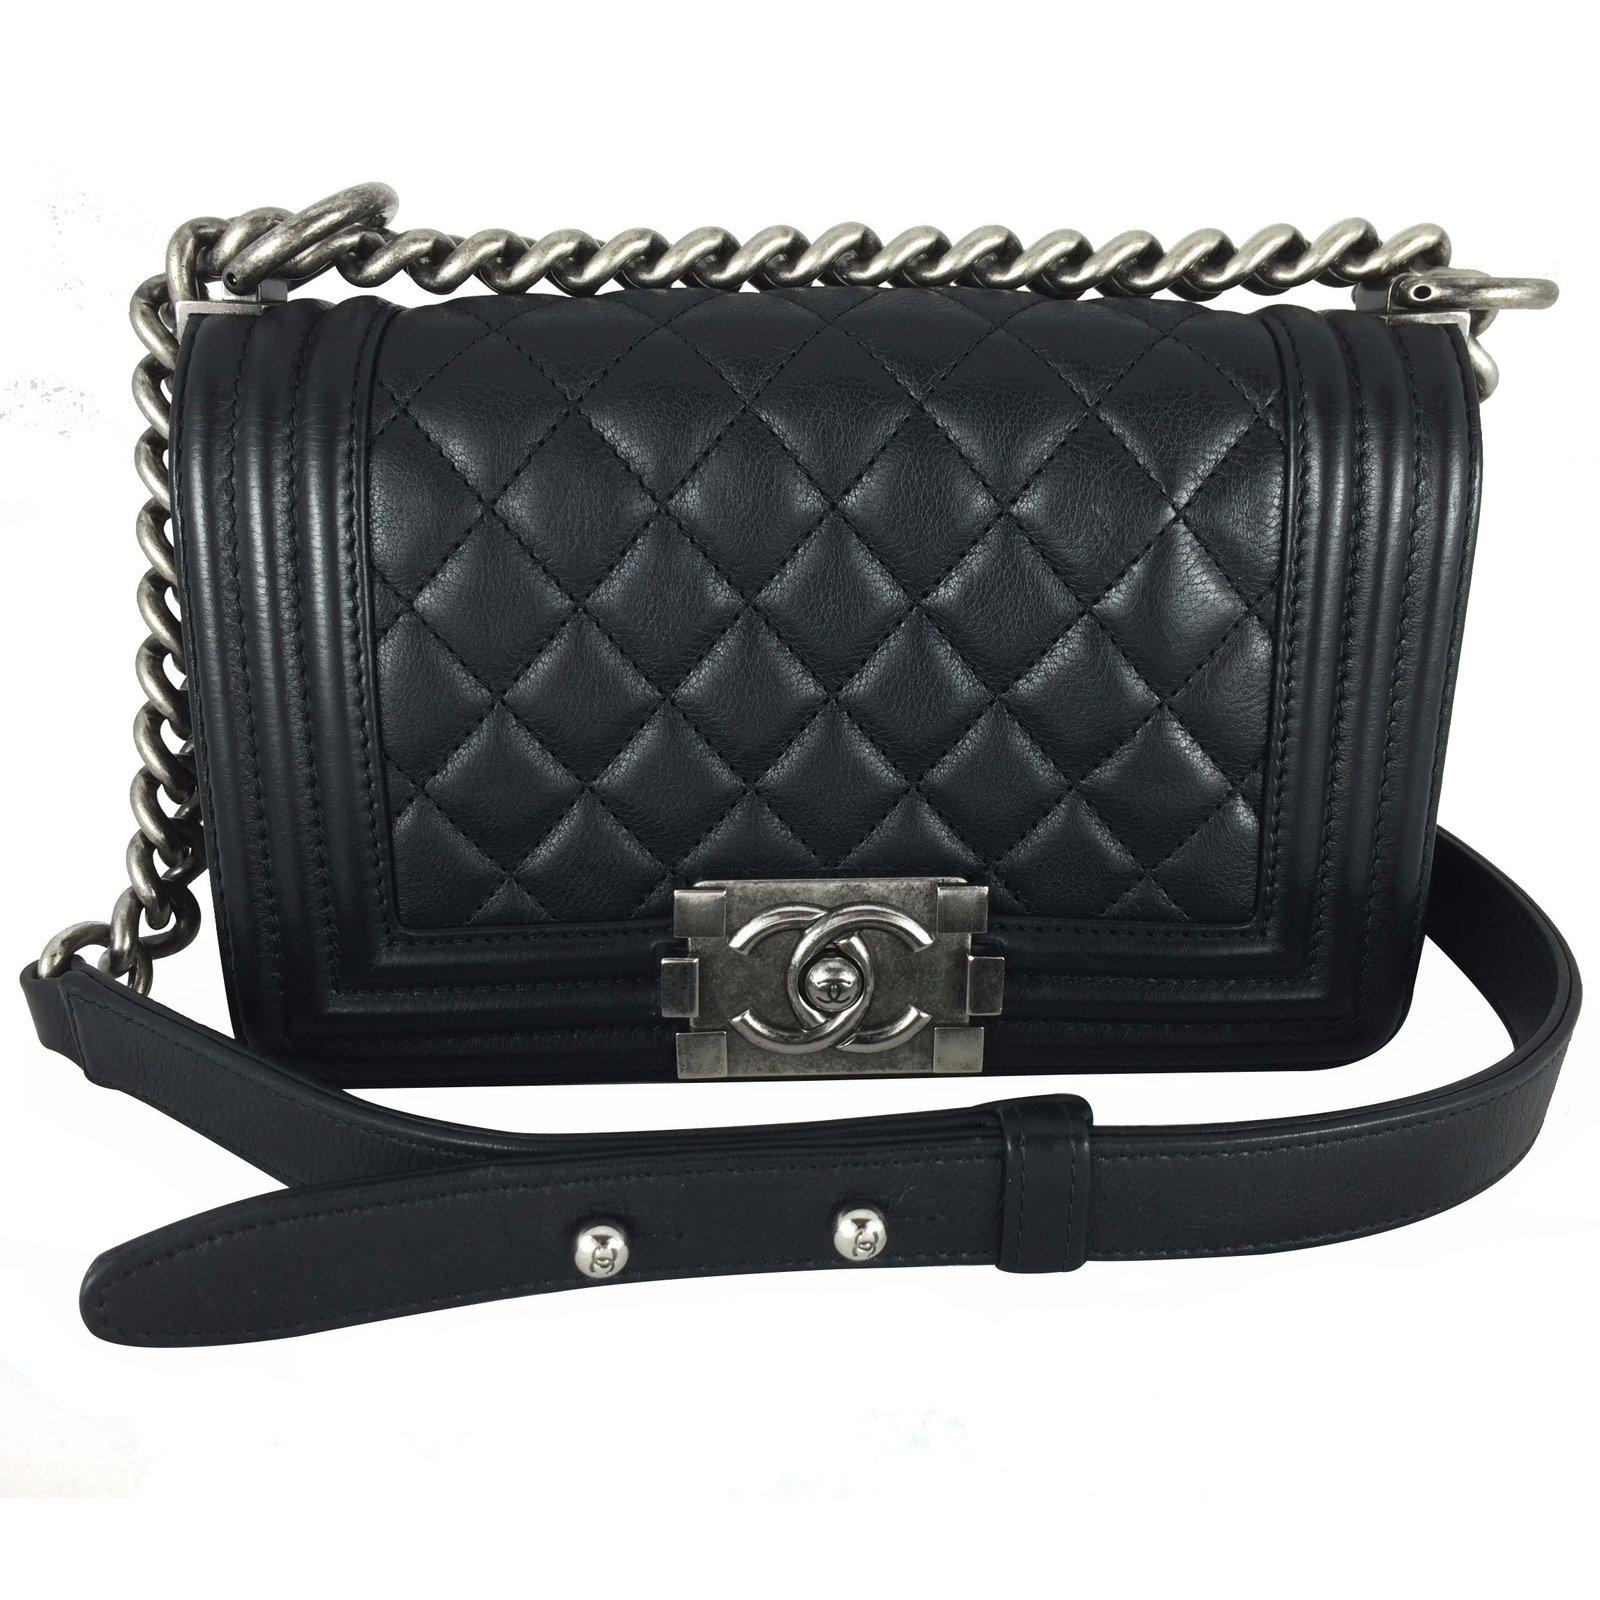 c3e4055f95 Sacs à main Chanel Petit Boy noir Cuir Noir ref.17393 - Joli Closet